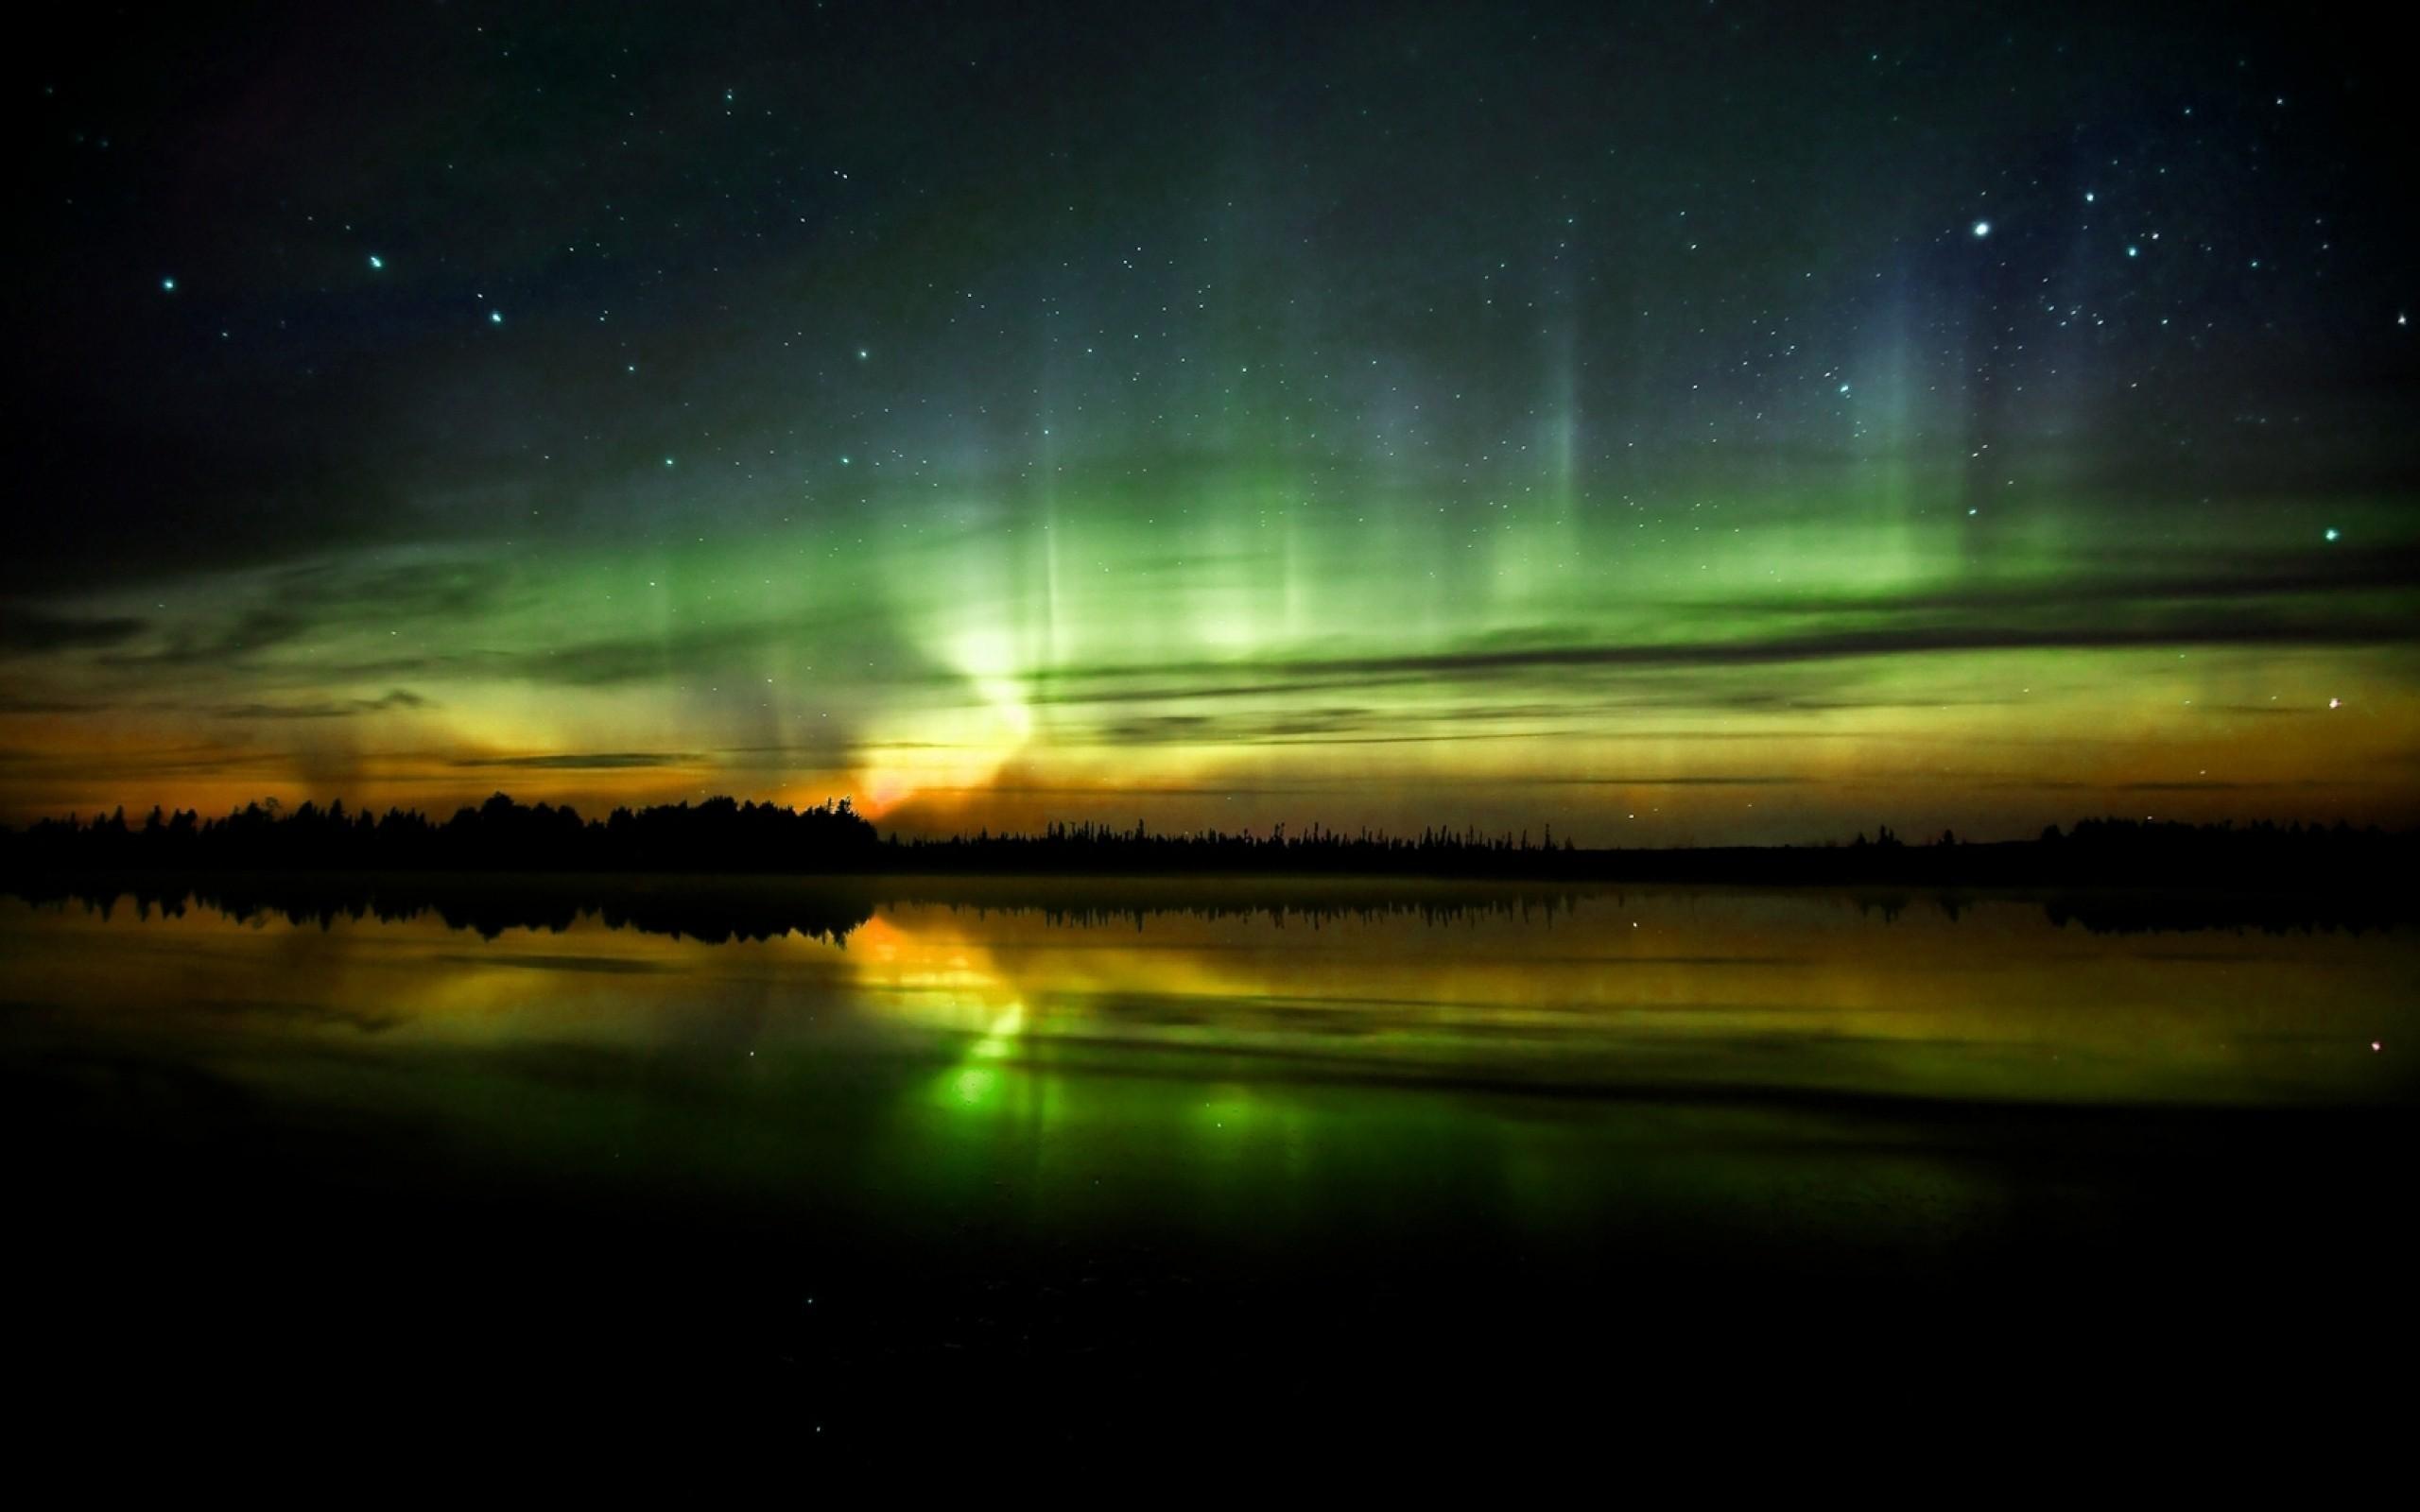 Sfondi cellulare tumblr 56 immagini for Sfondi desktop aurora boreale